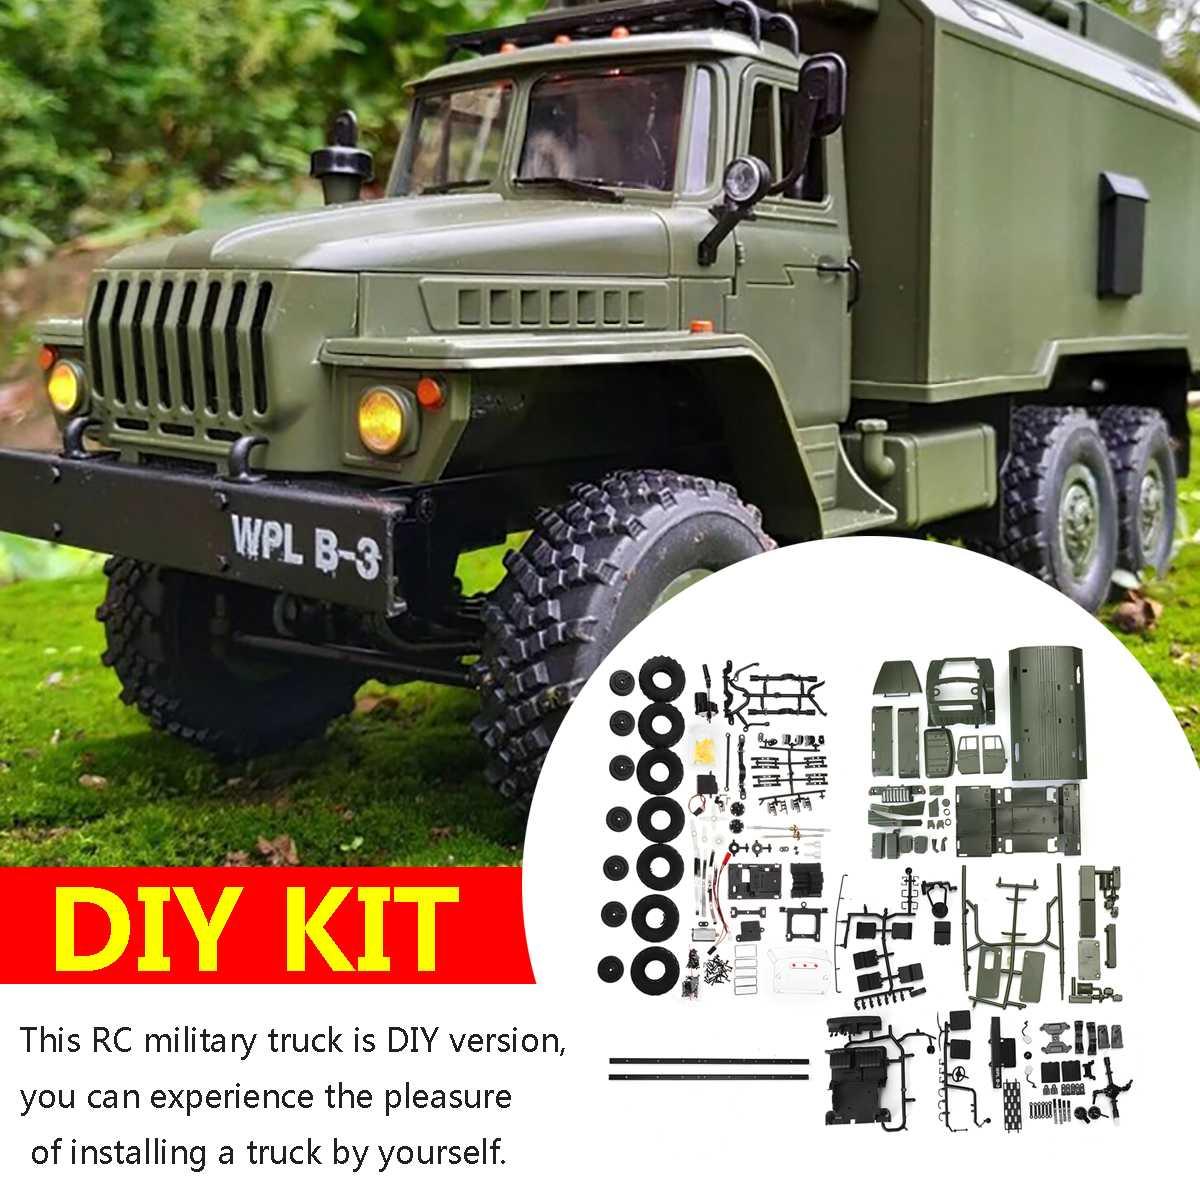 Jouet de noël cadeau télécommande WPL B36 kit de bricolage 1/16 2.4G 6WD RC chenille militaire camion voiture Offroad voiture jouets Buggy armée à distance